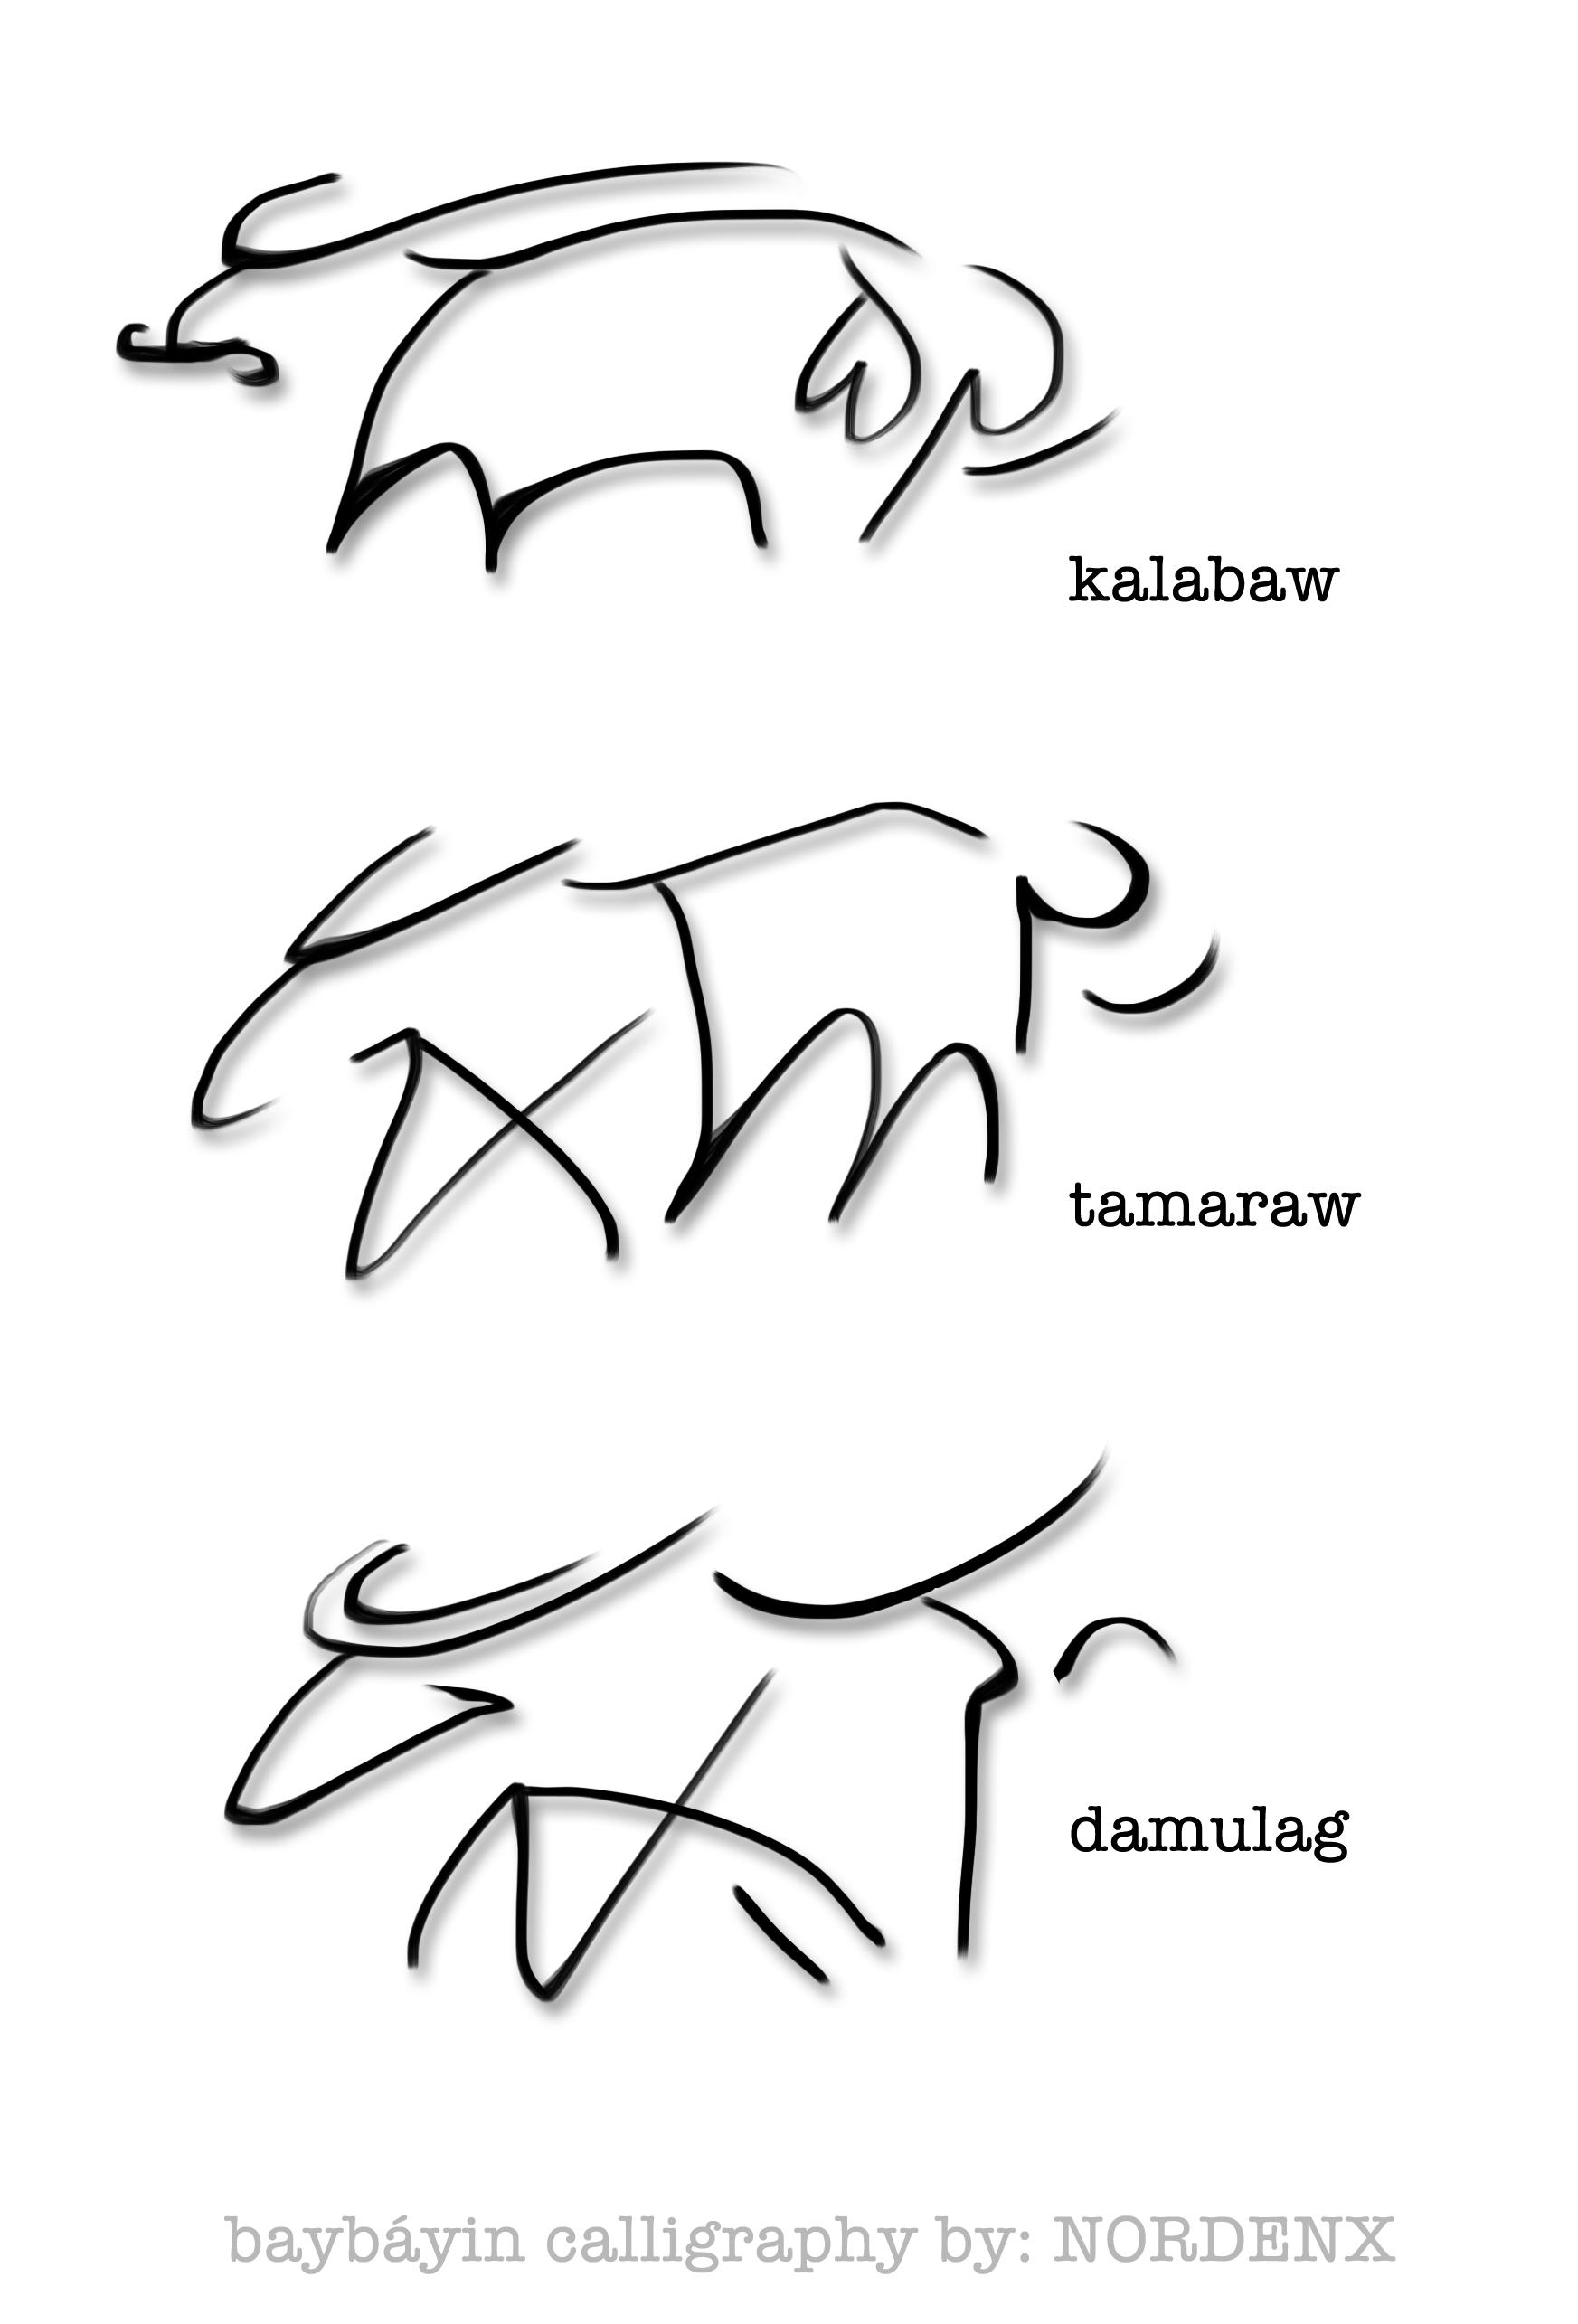 1745x2570 Baybayin Buffalos By Nordenx